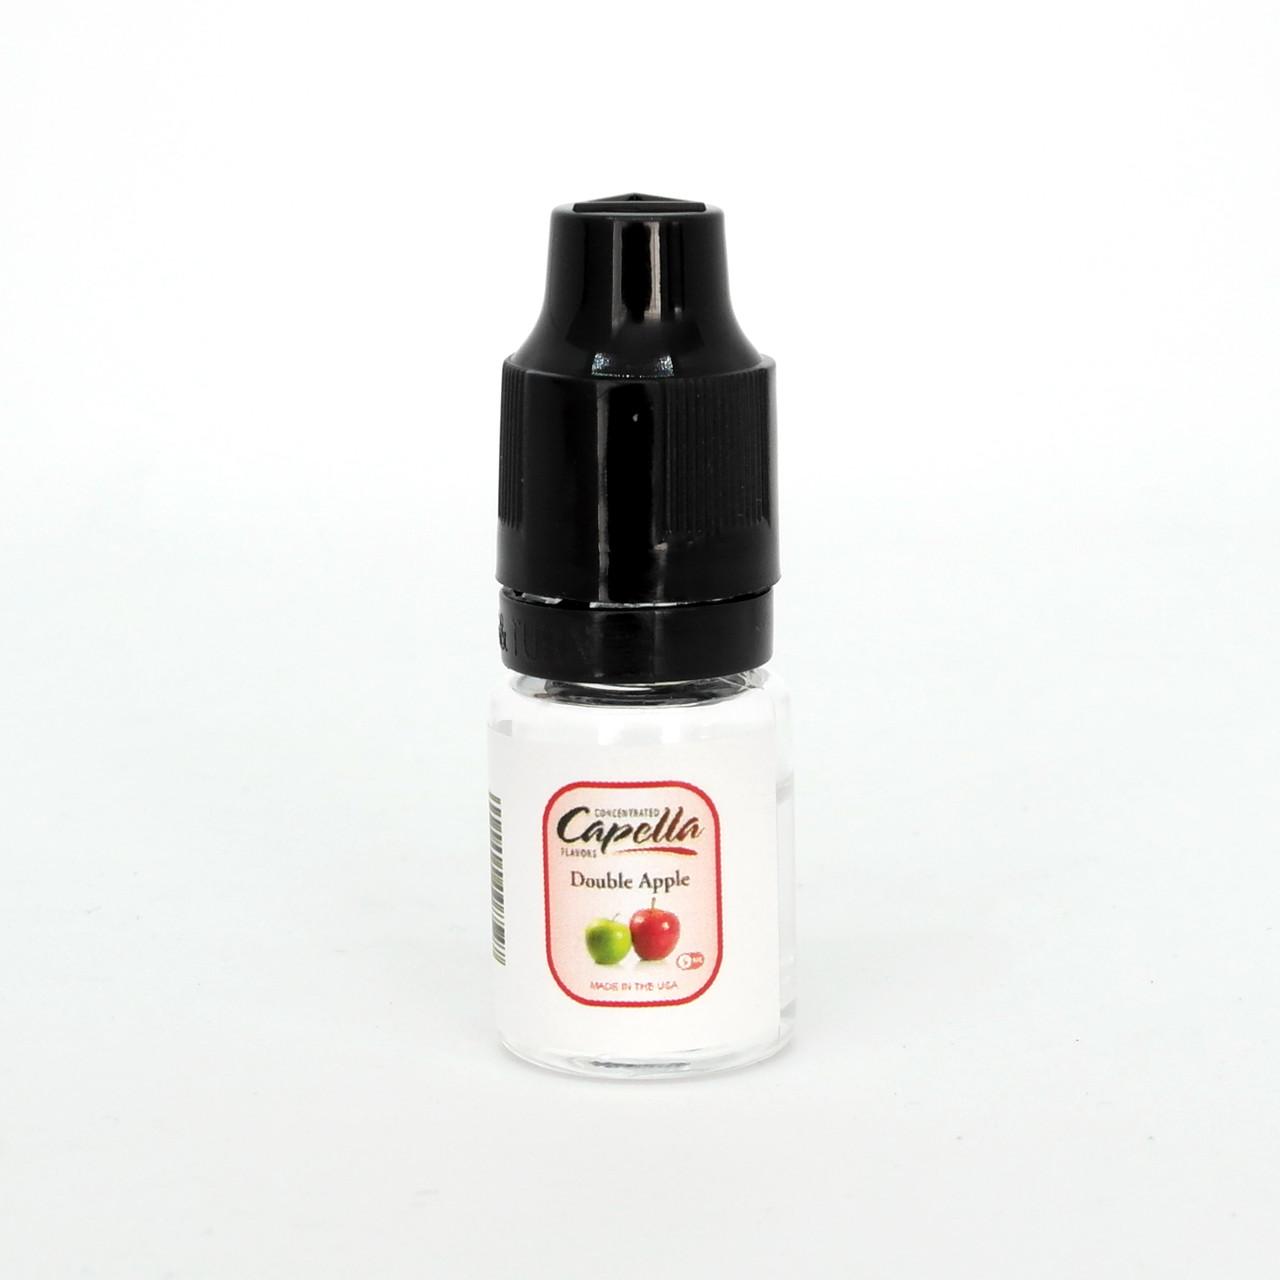 Ароматизатор Capella Double Apple (Двойное яблоко) 5 мл. (0208)